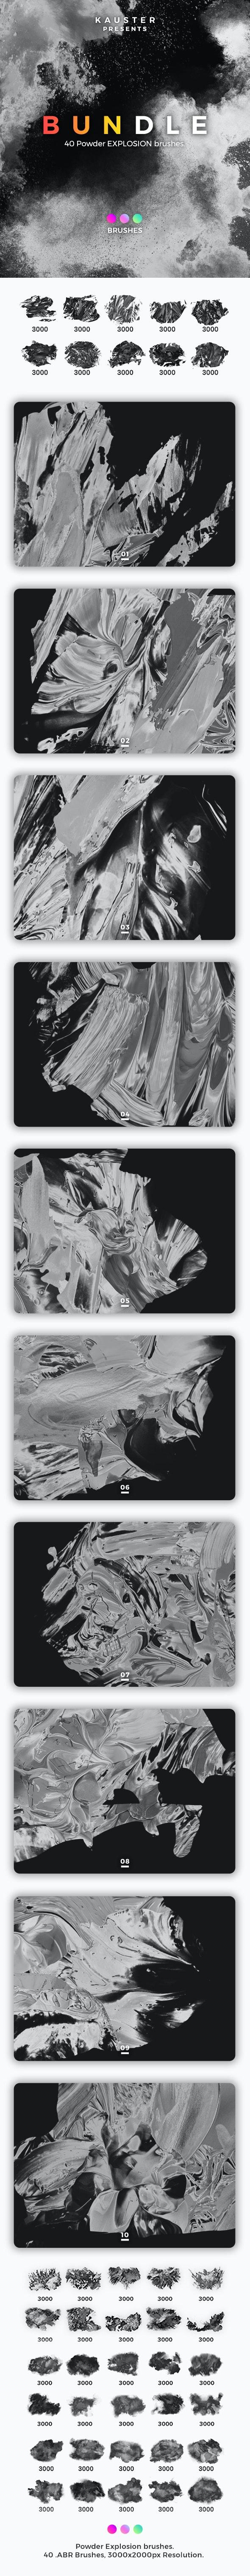 Powder Explosion Brushes Bundle - Artistic Brushes